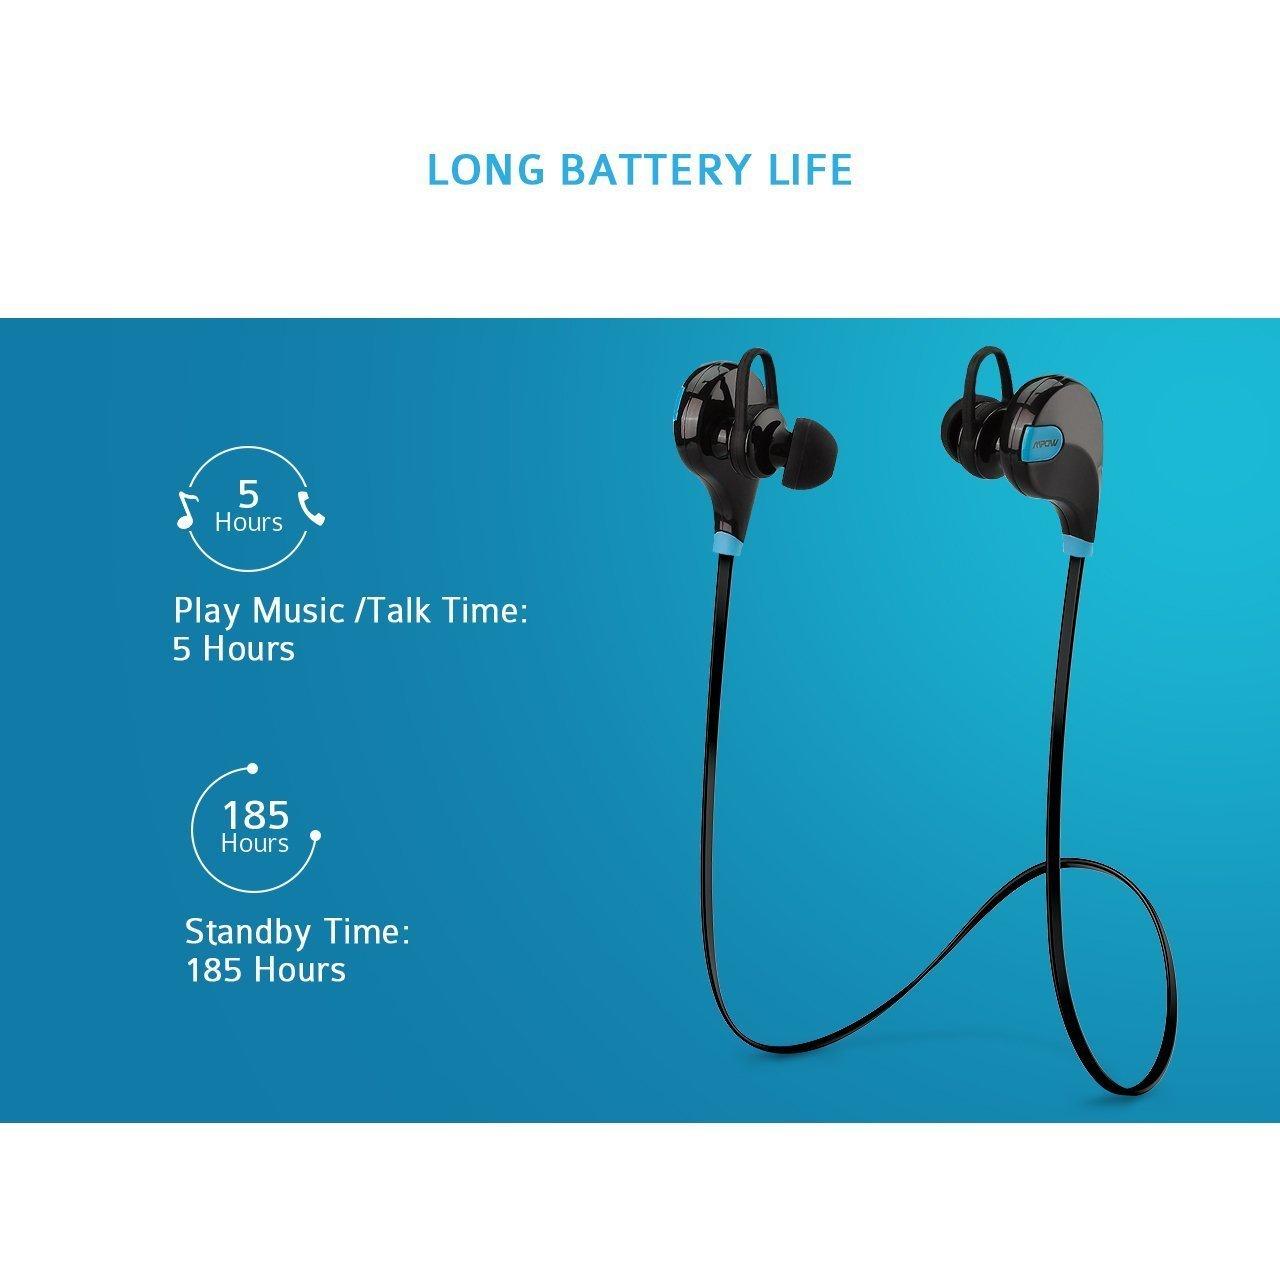 Mpow Swift Auricolari Wireless Bluetooth 4.0 Headset Stereo Cuffie Sportive  a Prova di Sudore con Microfono e AptX Tecnologia Headphone per iPhone 6s  ... 3c5134948790